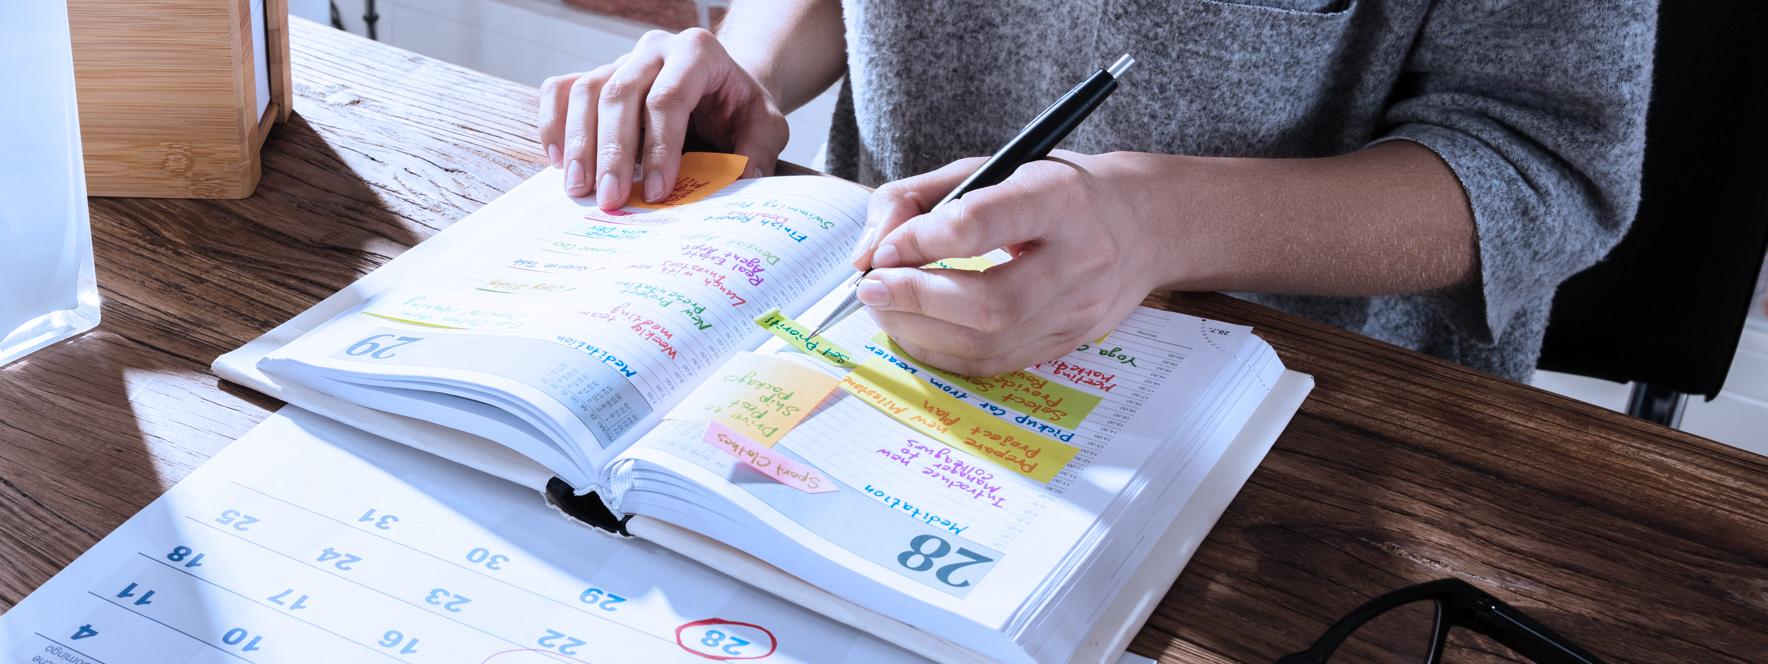 3 résolutions pour prendre soin de vos affaires! - Blogue du Réseau